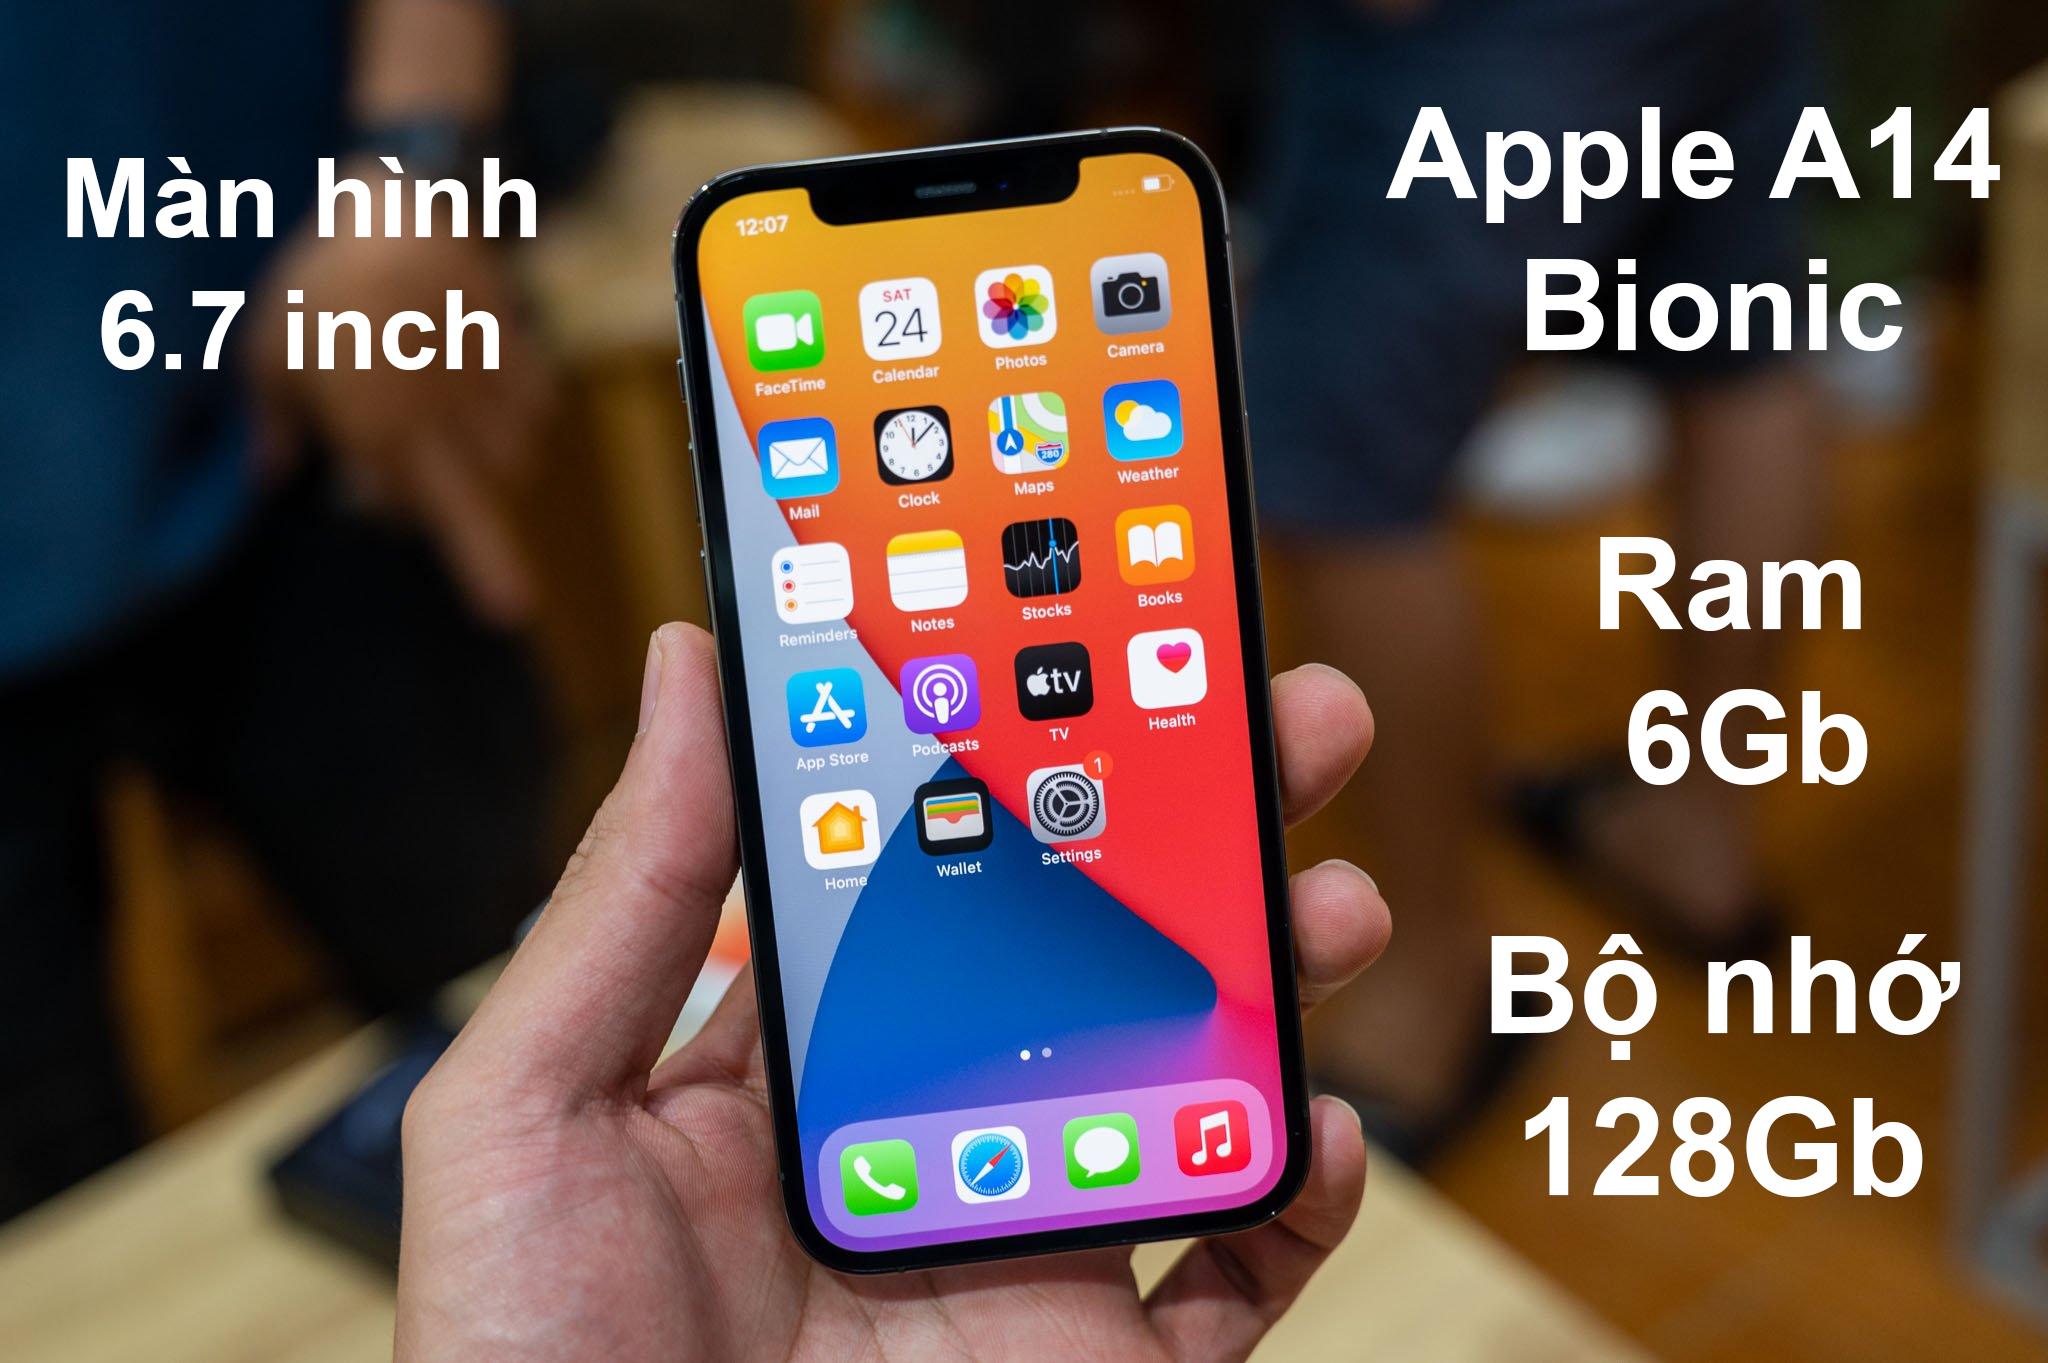 iPhone 12 Pro Max 128 GB | Màn hình Super Retina XDR 6.7 inch sắc nét, hiệu năng mạnh mẽ